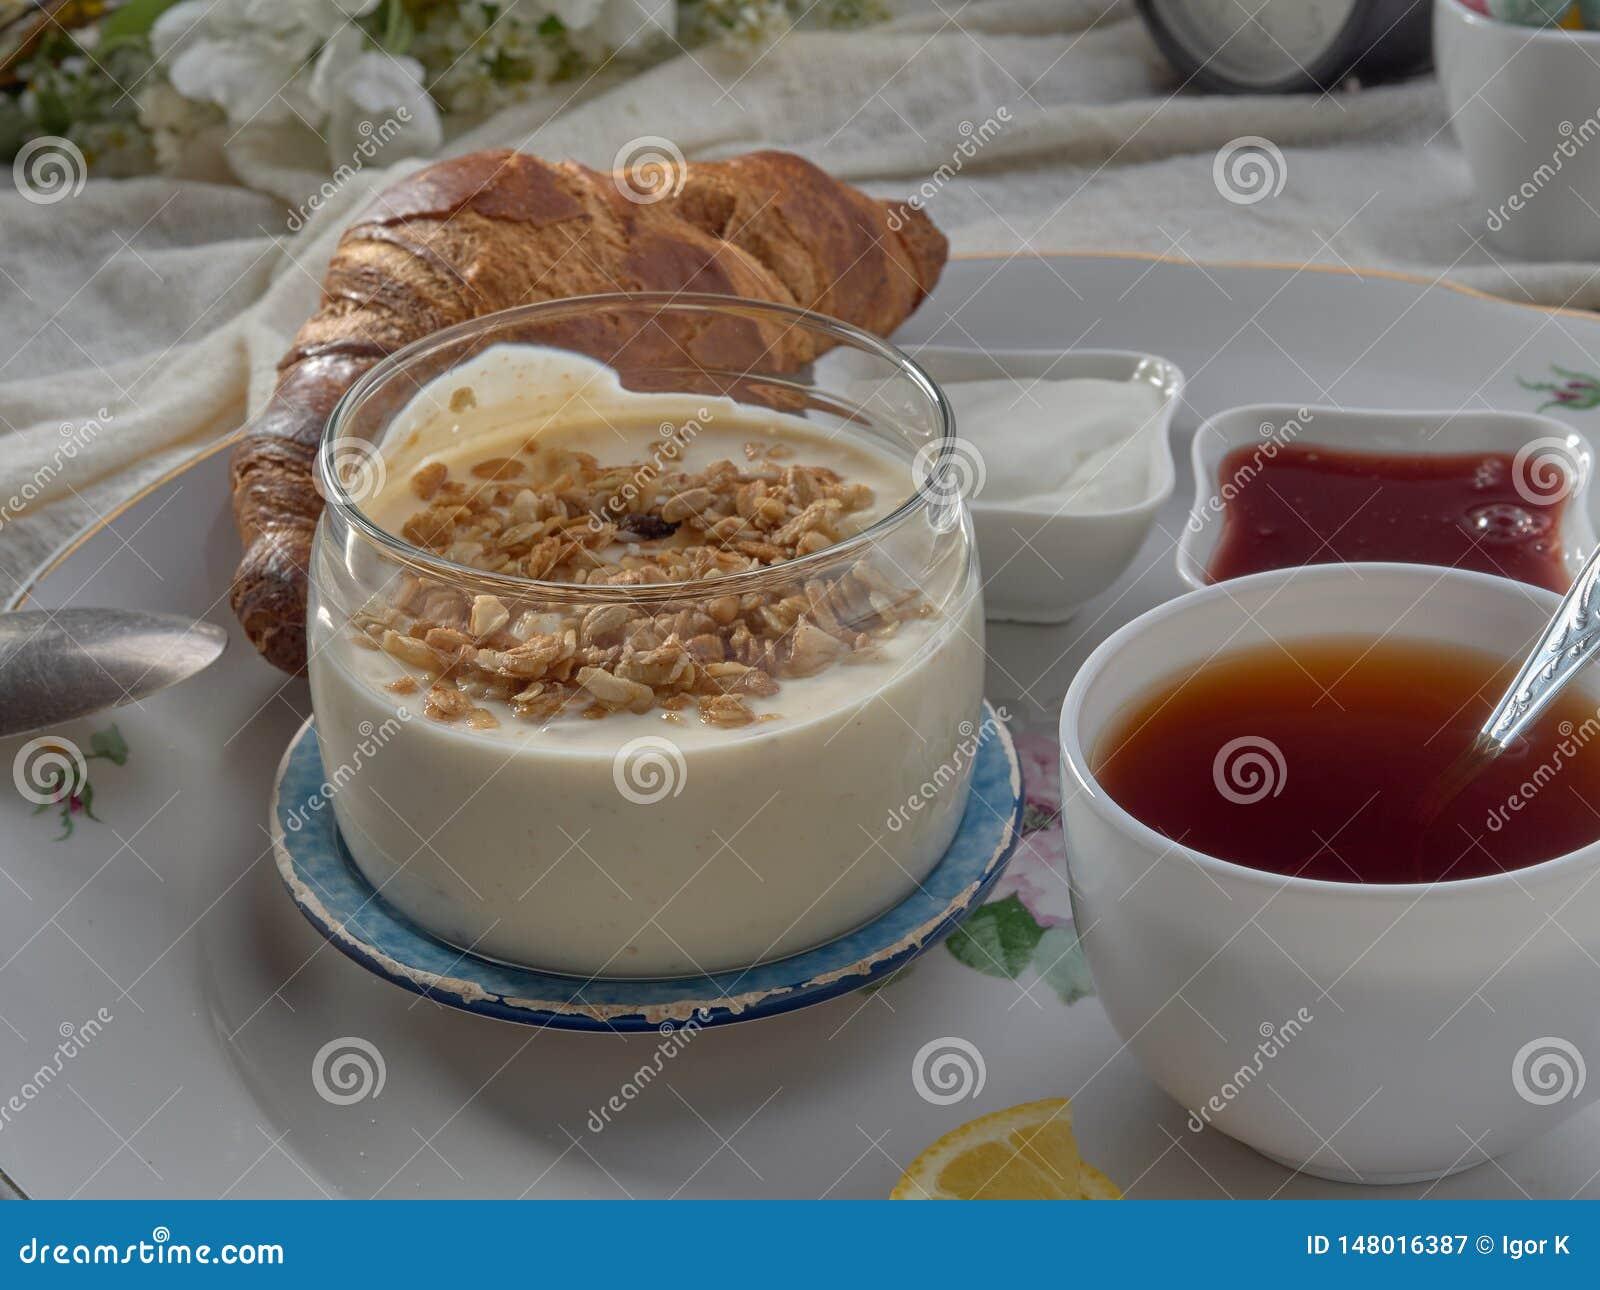 Croissant, doce, ch? com lim?o, em um prato de porcelana